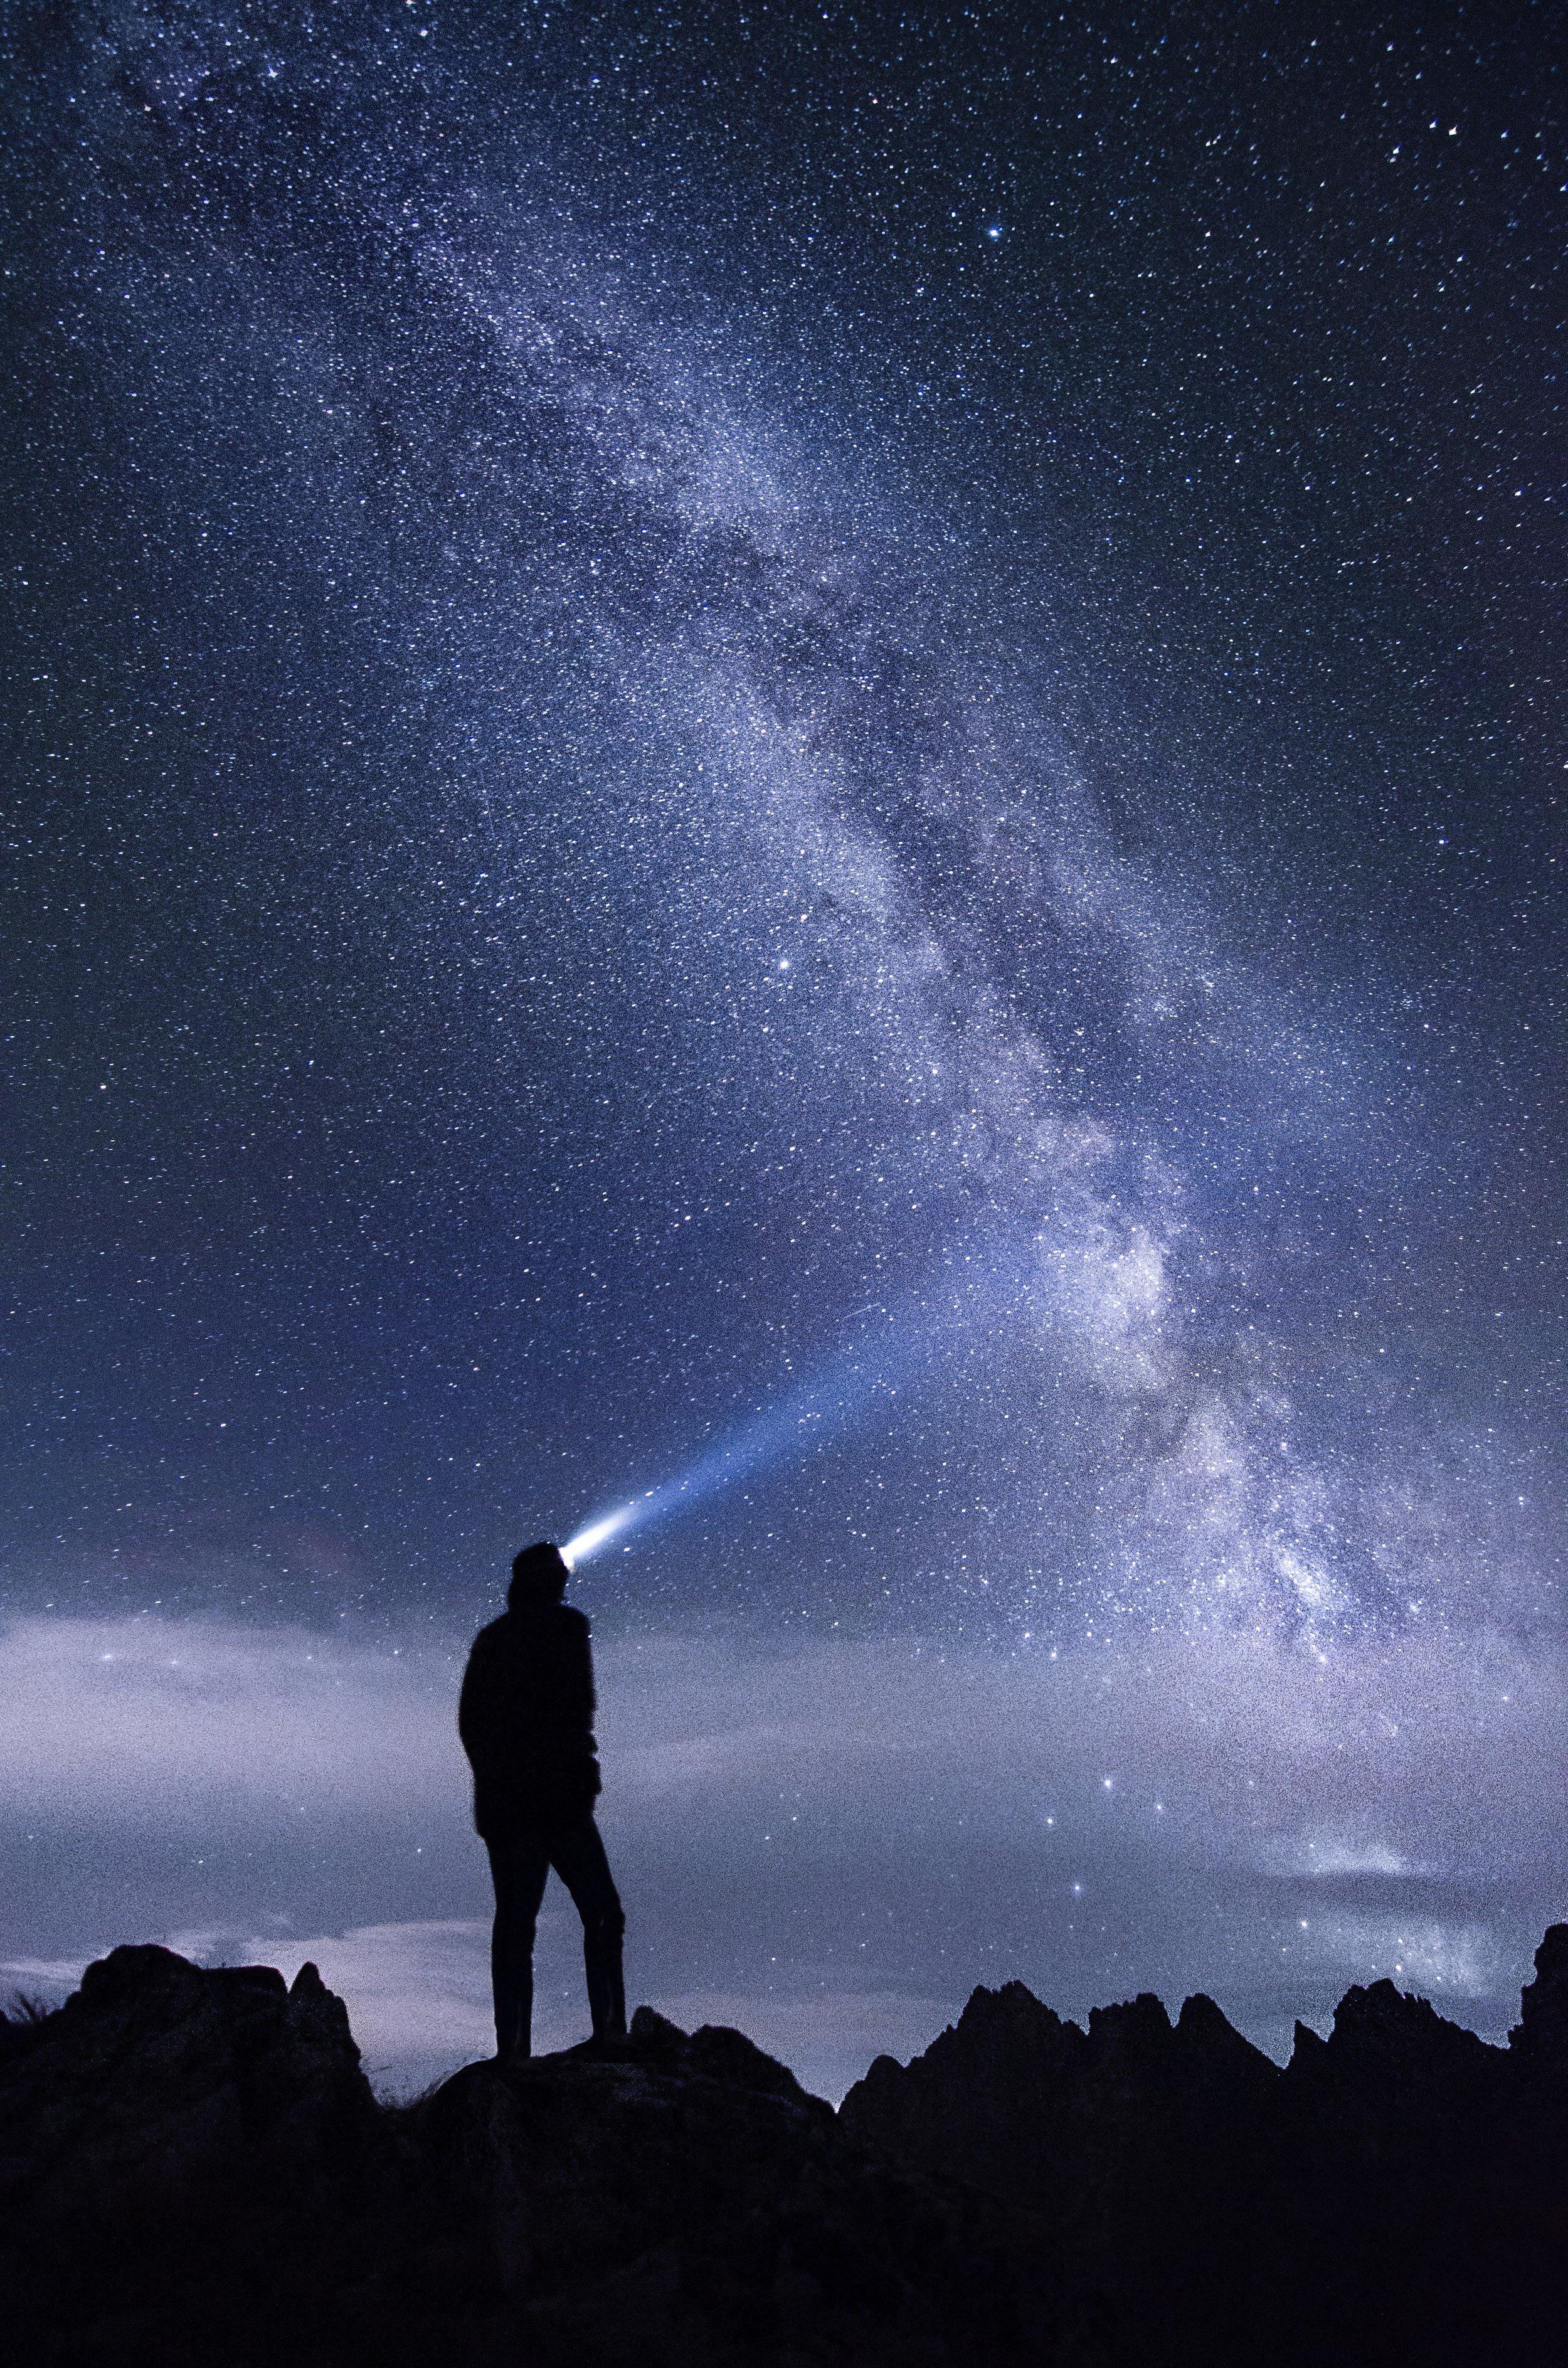 Night sky with Seeker stefan-stefancik-106115-unsplash.jpg